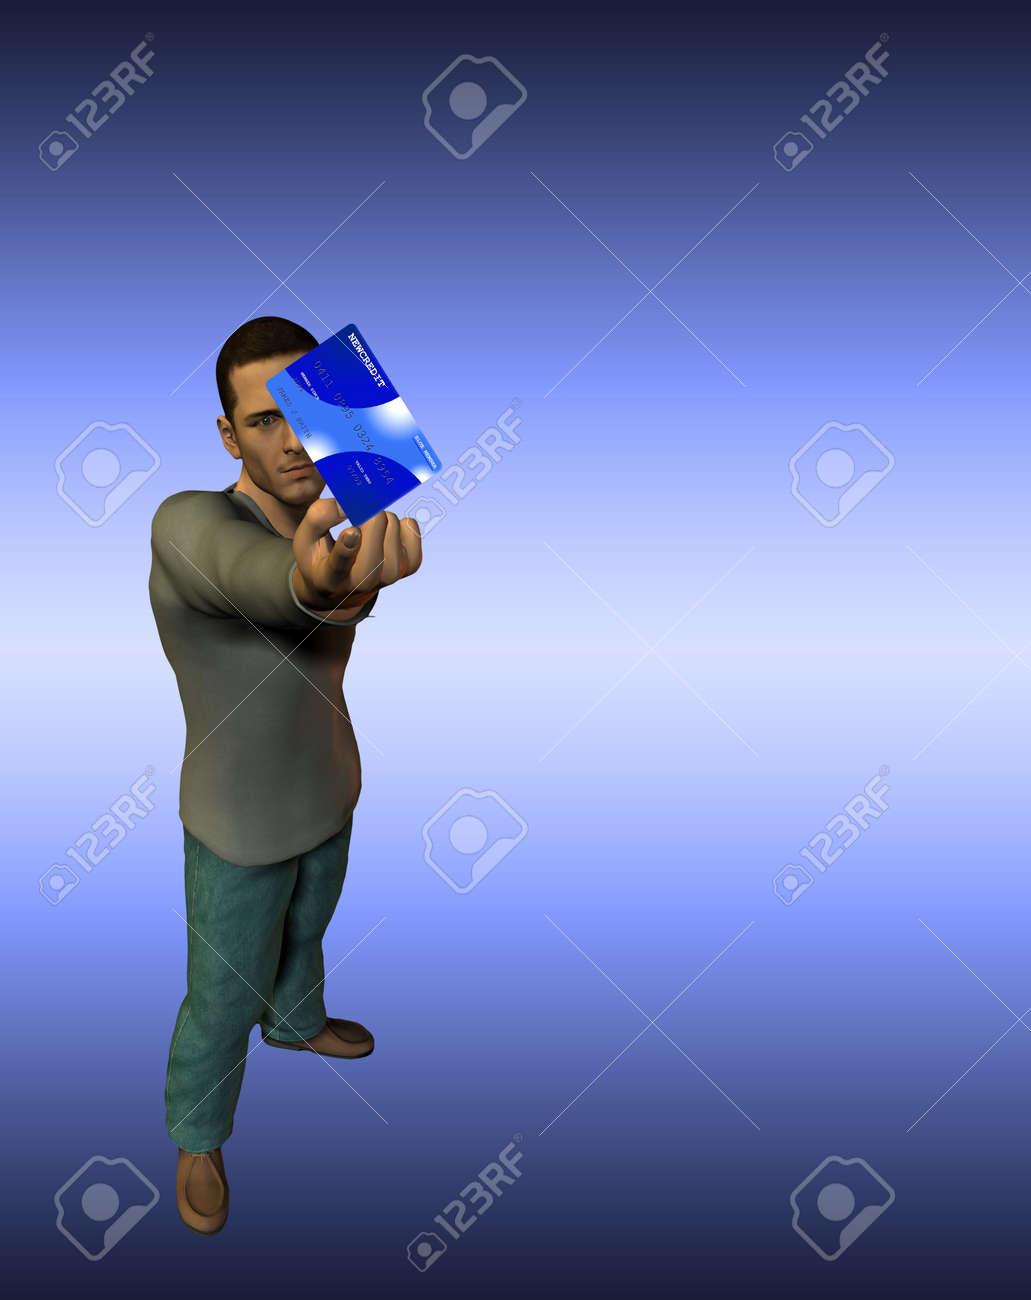 Man balances credit card Stock Photo - 874853